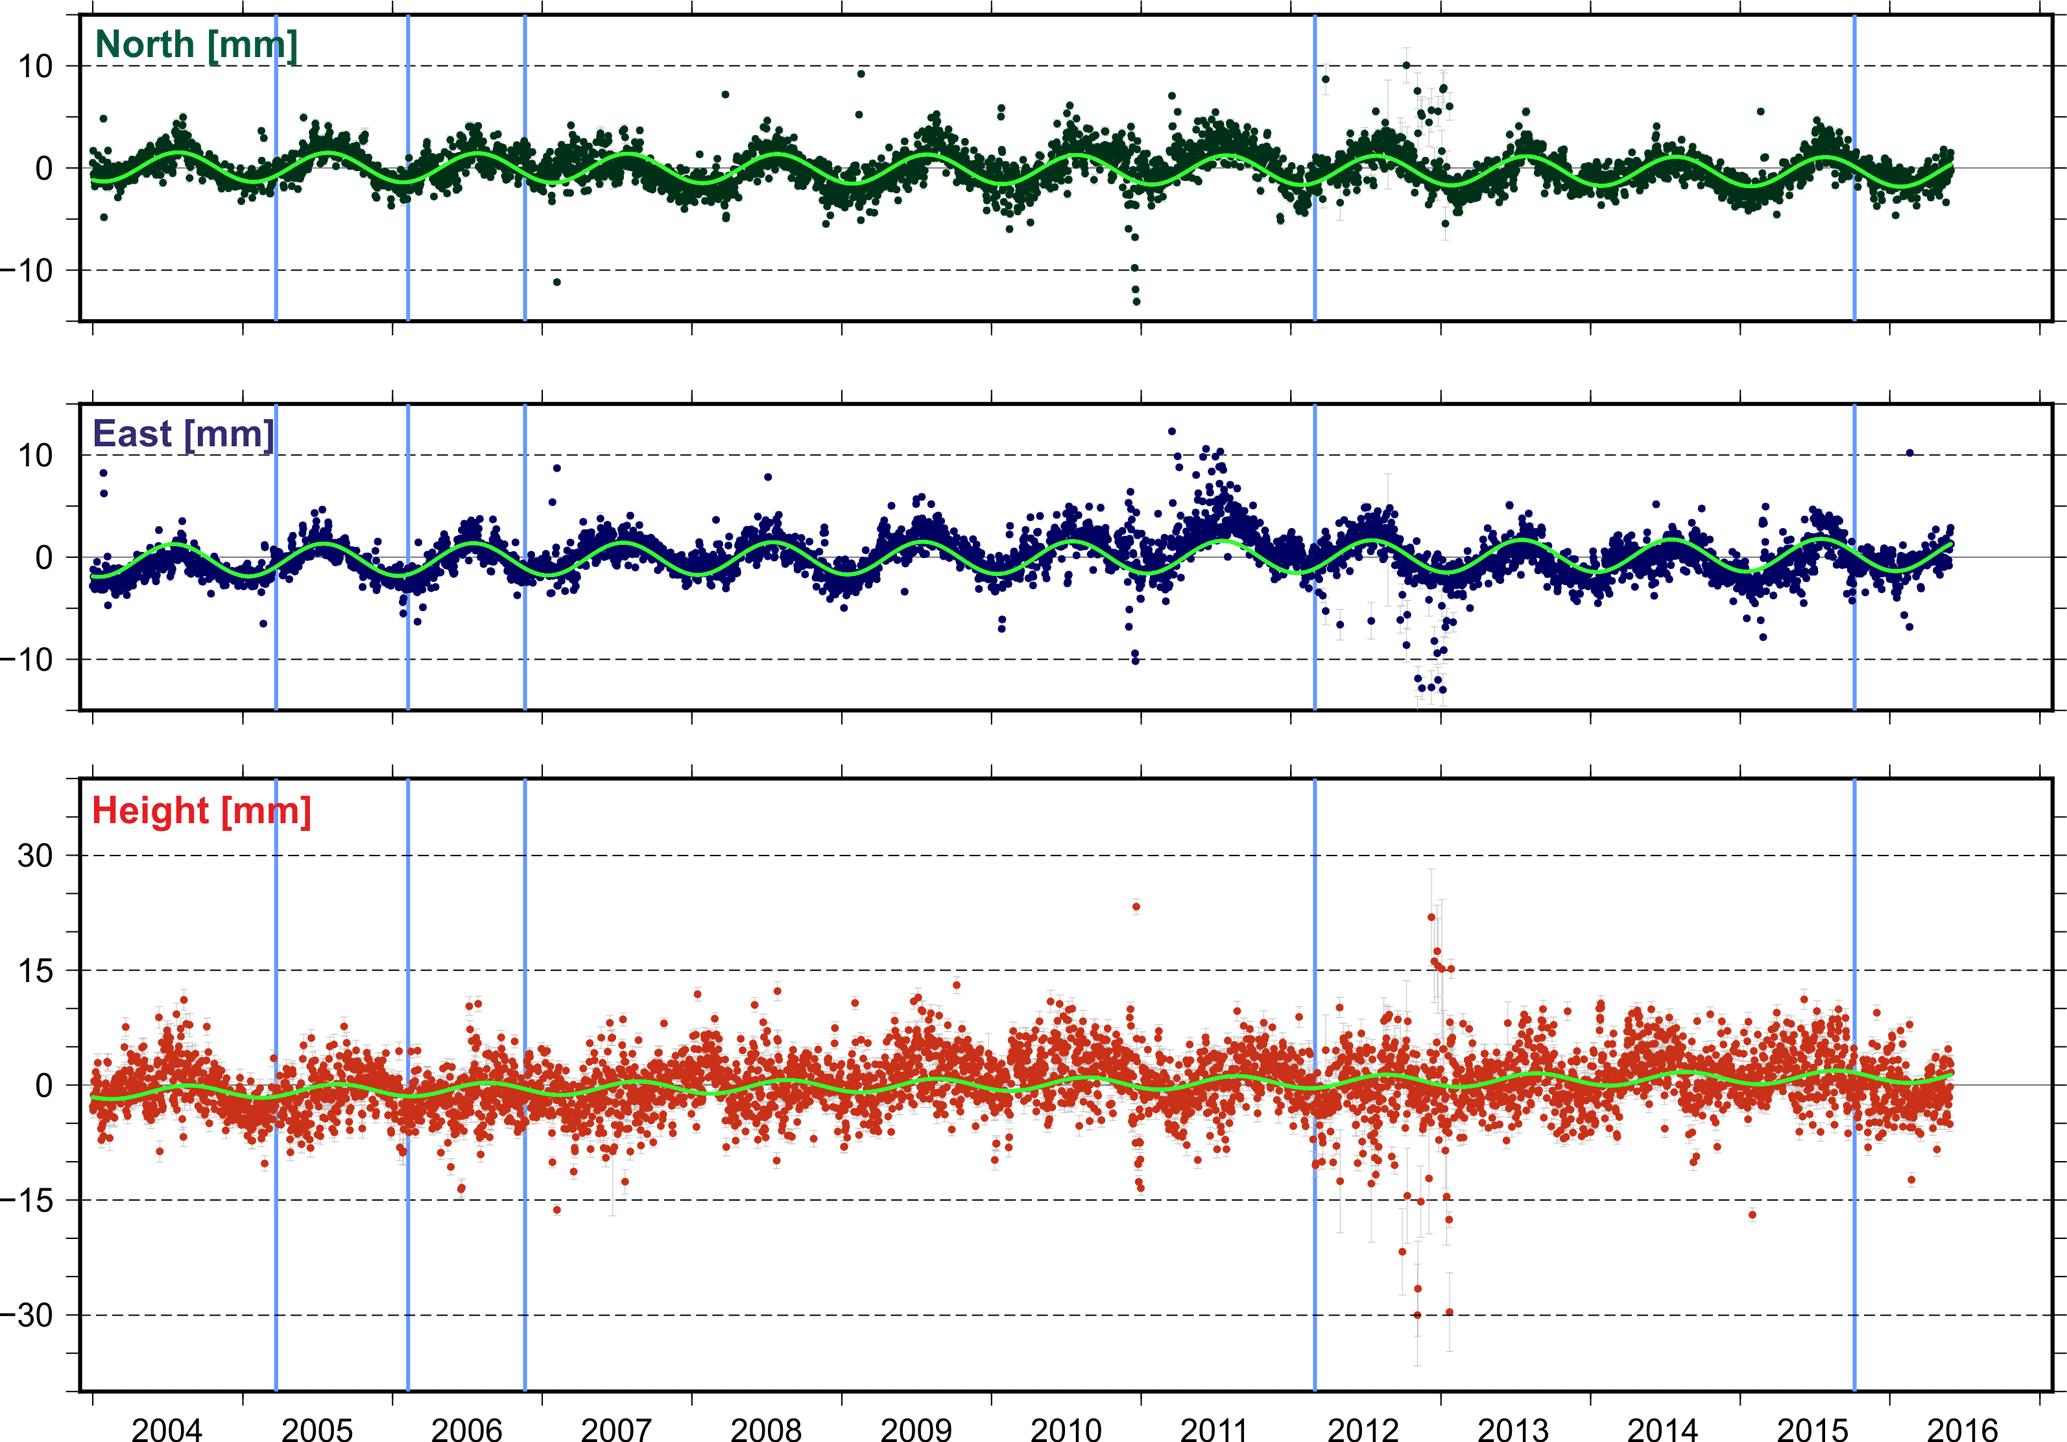 ESSD - Present-day surface deformation of the Alpine region inferred